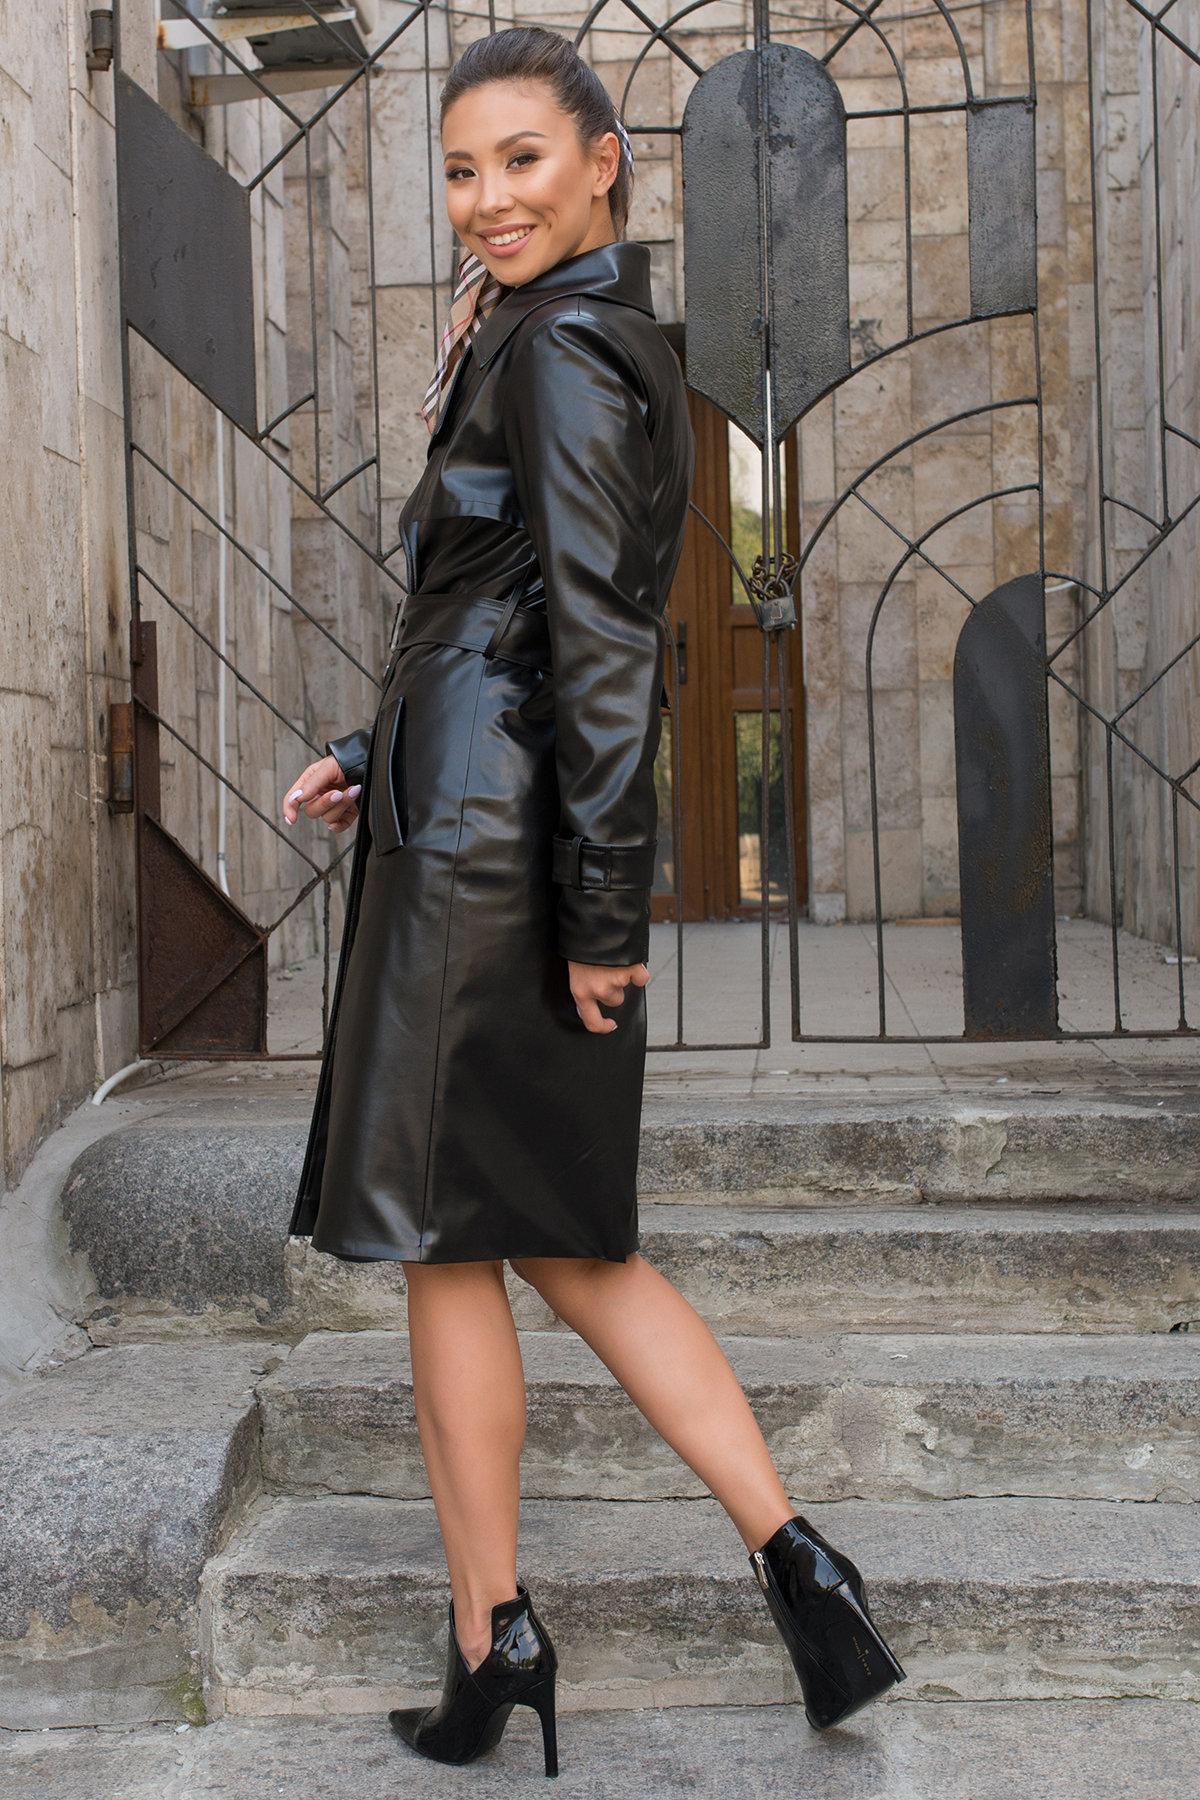 Пальто-тренч из экокожи Аккорд 7996 АРТ. 43950 Цвет: Черный - фото 5, интернет магазин tm-modus.ru